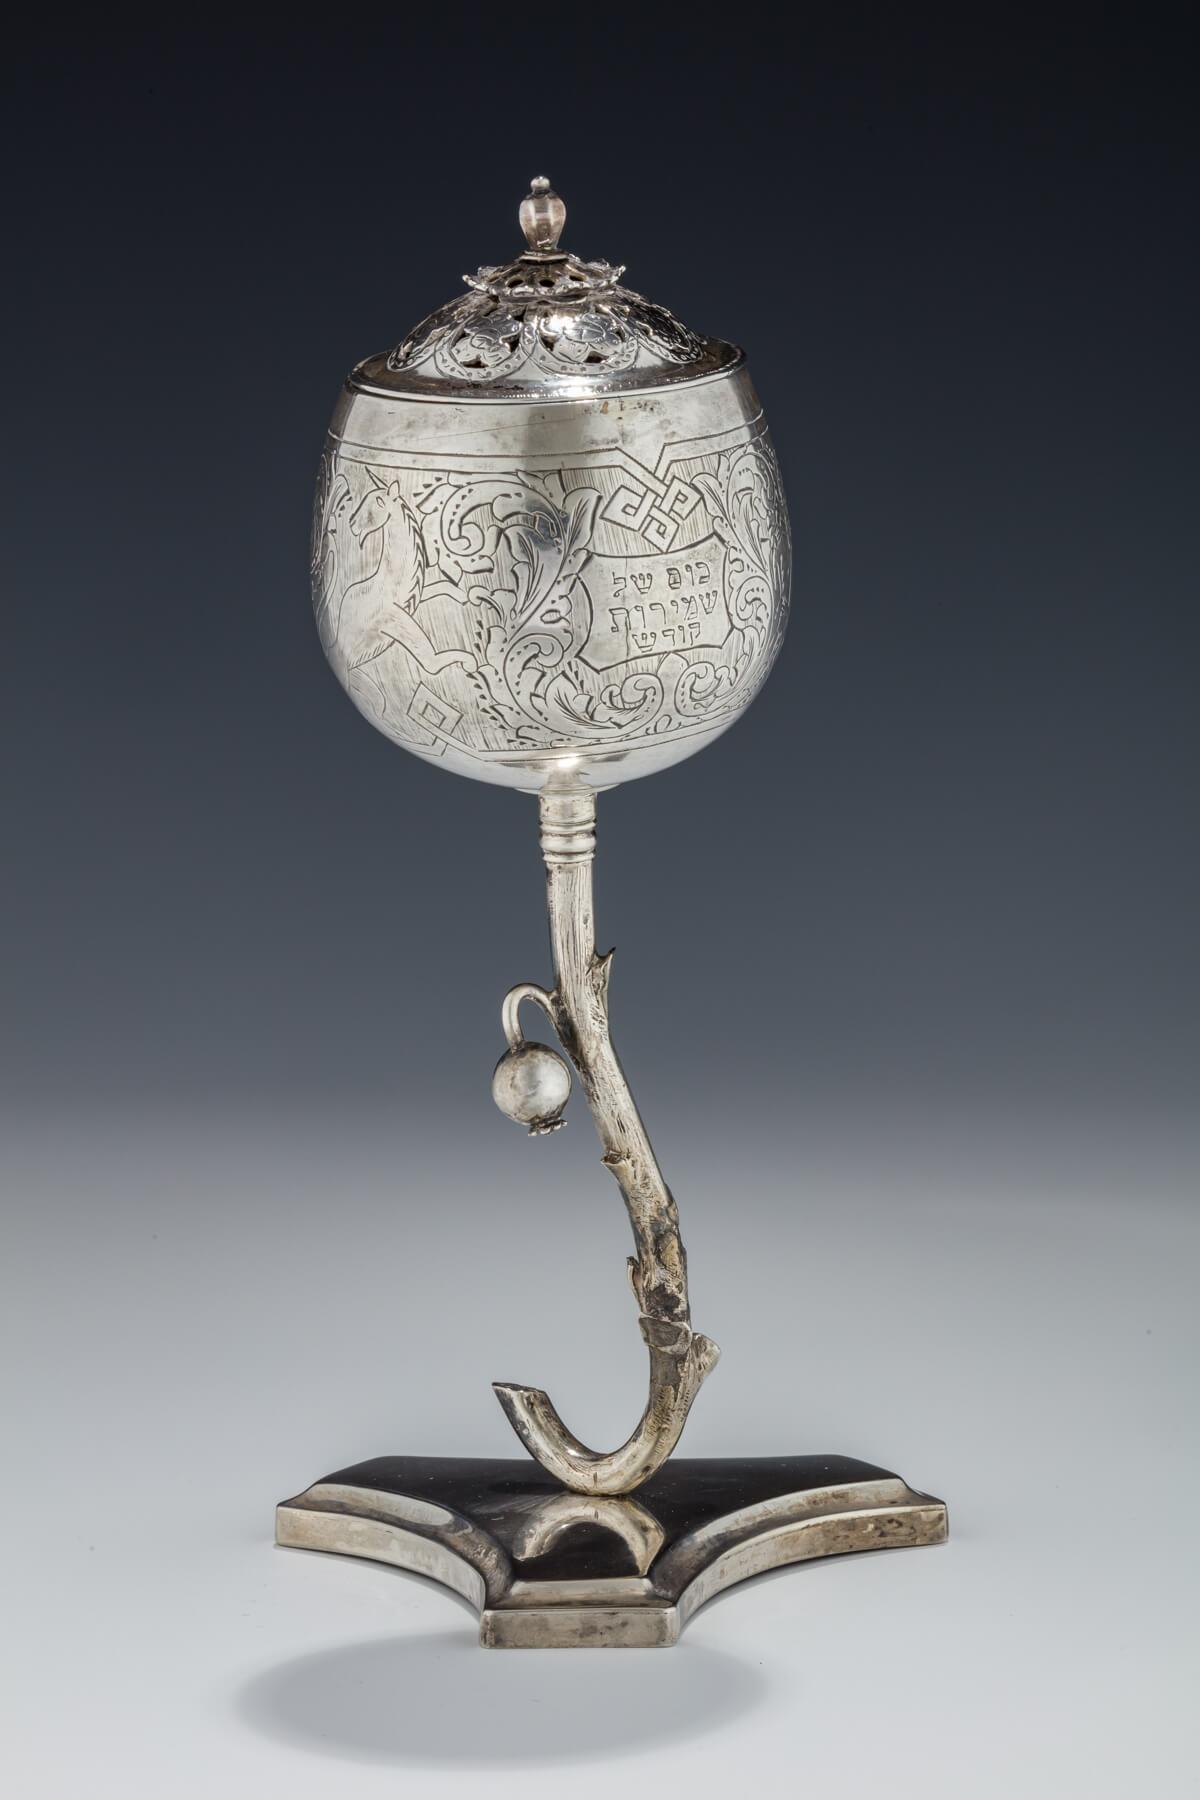 100. A Silver Havdallah Compendium Made of Shmirot